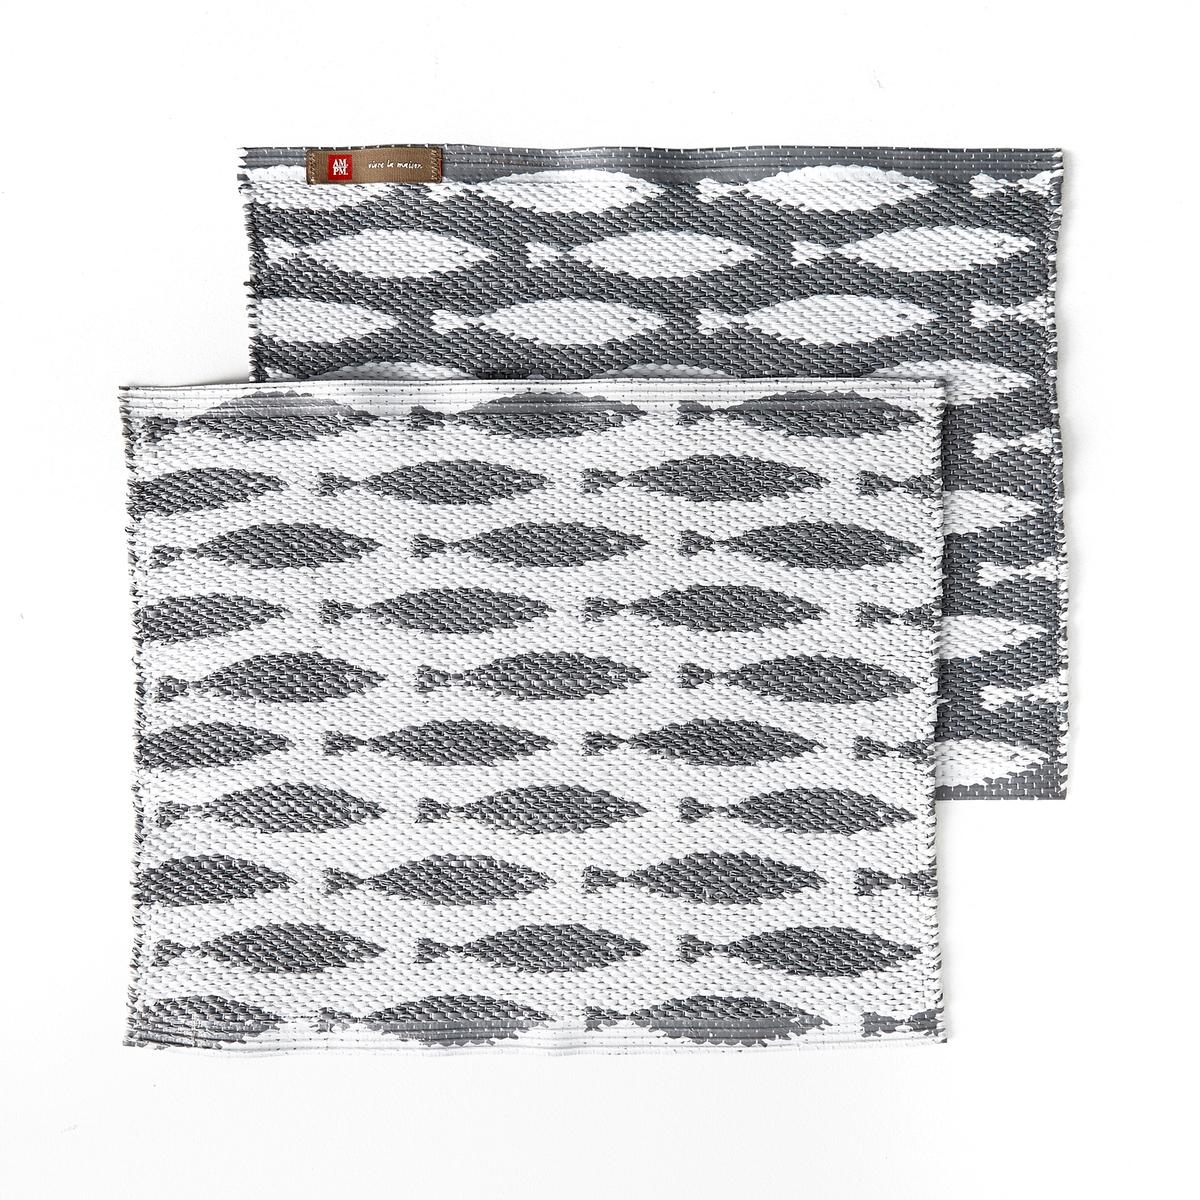 Комплект из 2 столовых приборов Sahani2 столовых прибора Saxanka добавят оригинальности Вашему столу. Рисунок рыба, из ПВХ. Размеры. 35 x 45 см.<br><br>Цвет: серый/ белый<br>Размер: единый размер